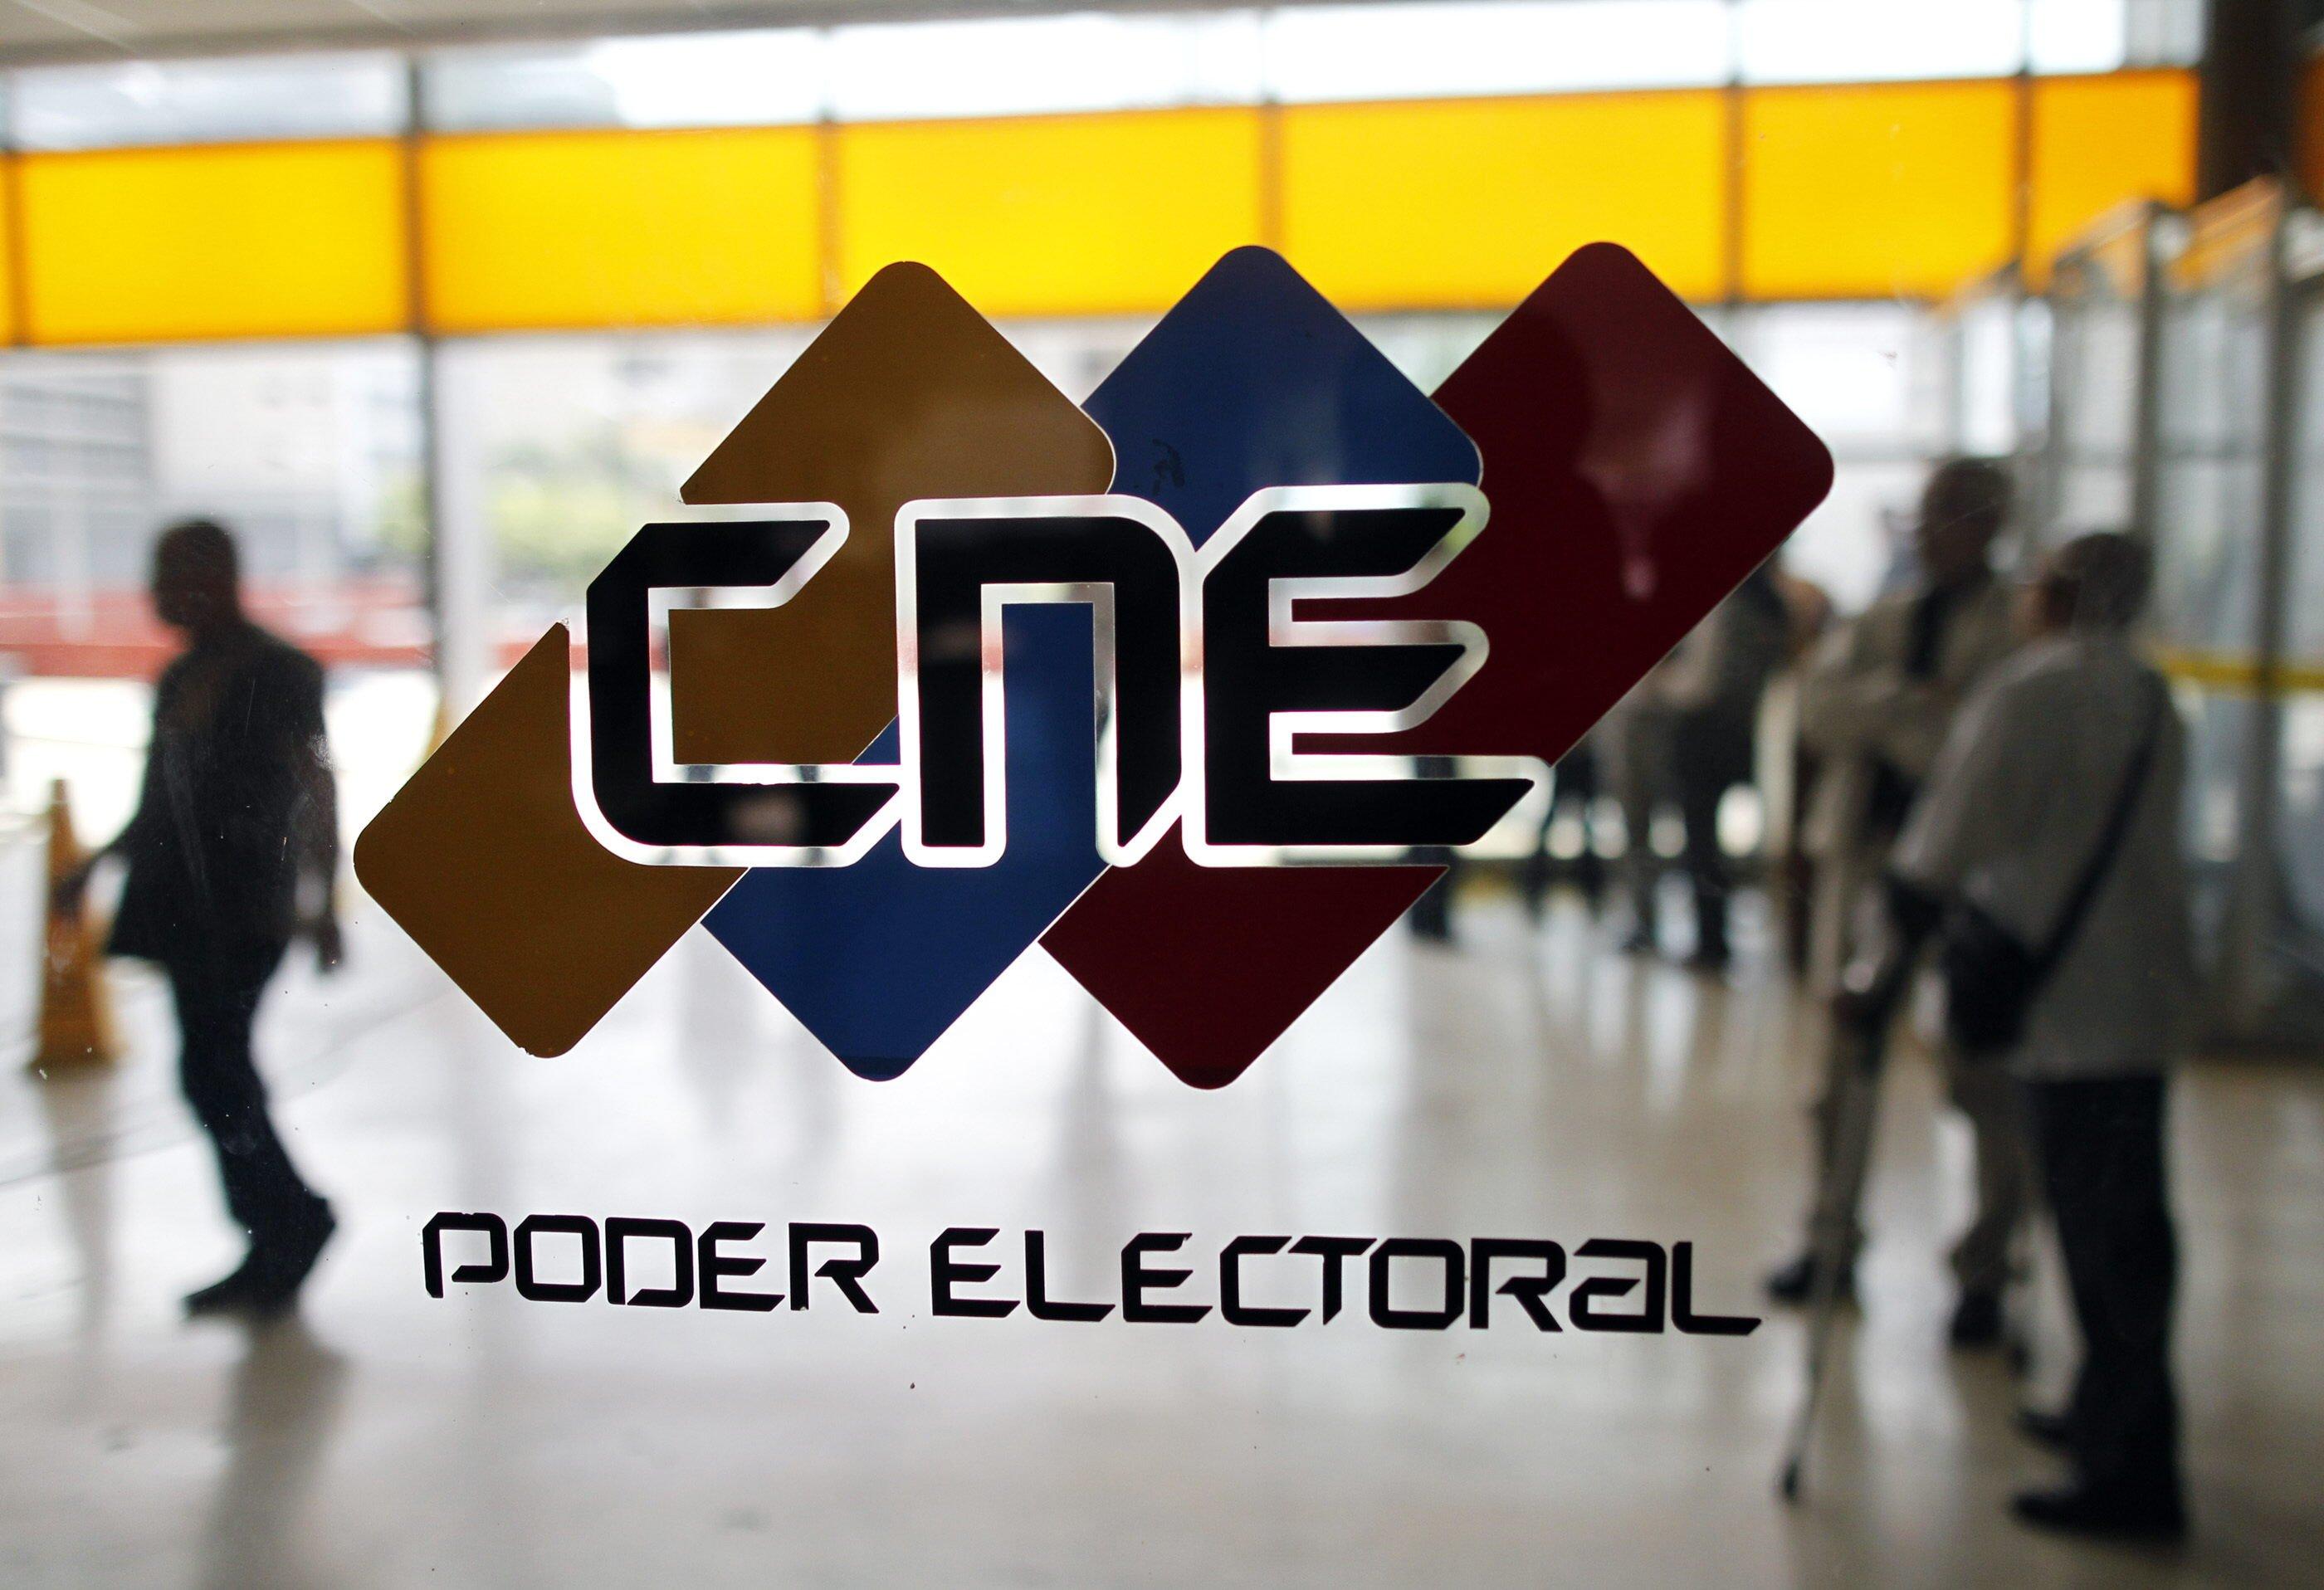 El CNE juega con la democracia al cambiar las reglas constantemente